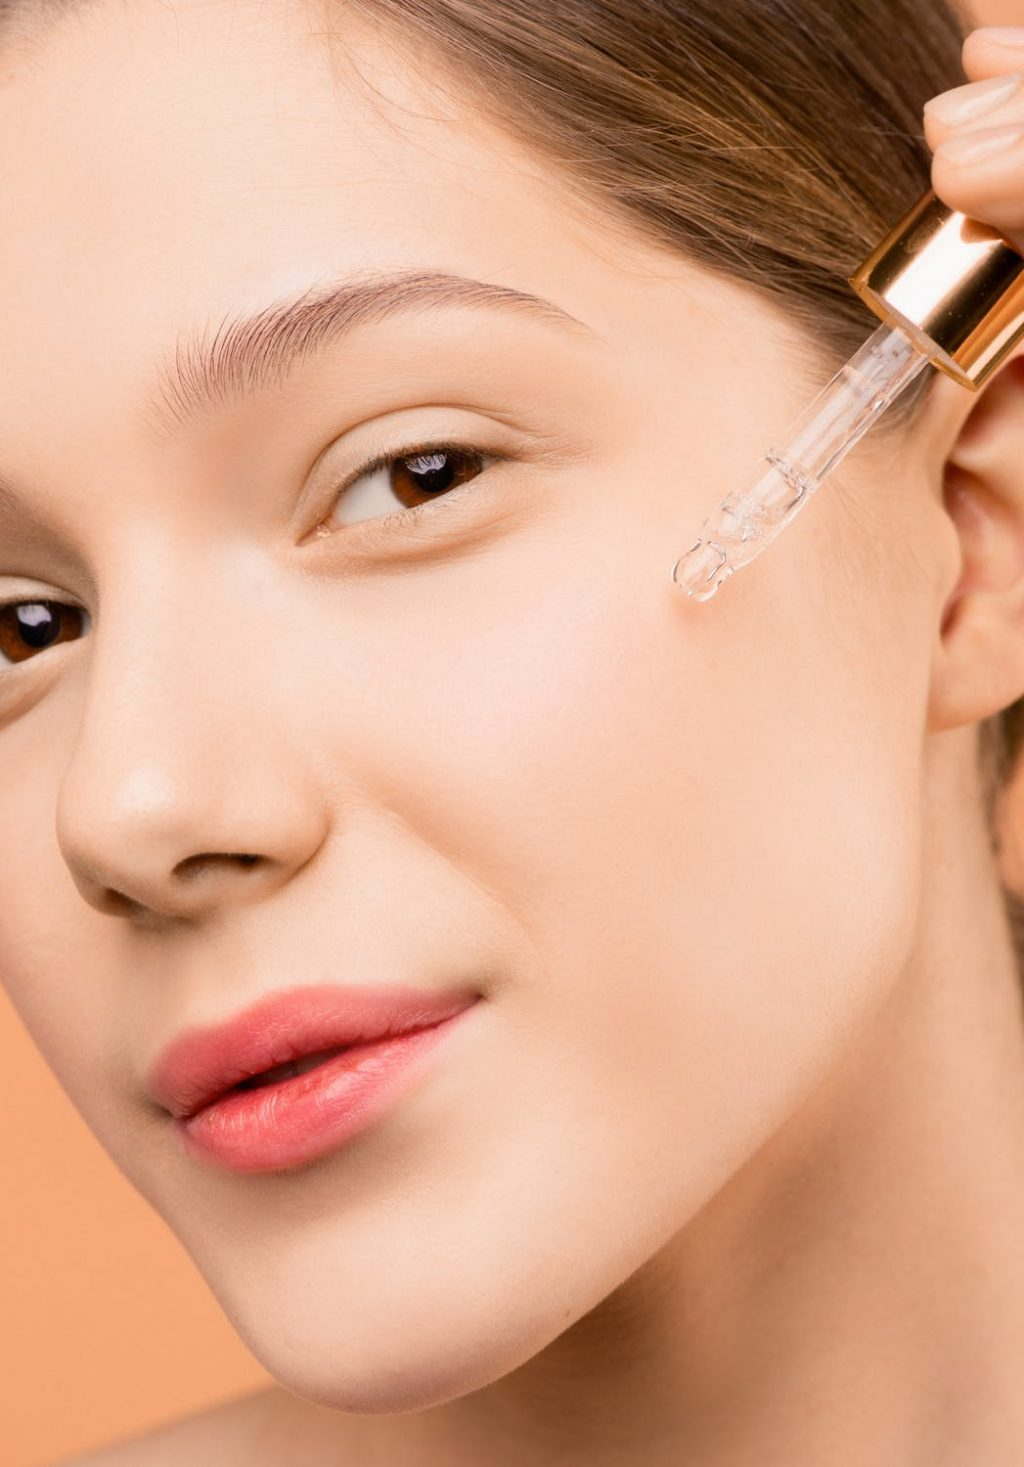 Cấp ẩm và cấp nước cho da - Bước cần thiết trong việc chăm sóc da dầu ngày Hè.